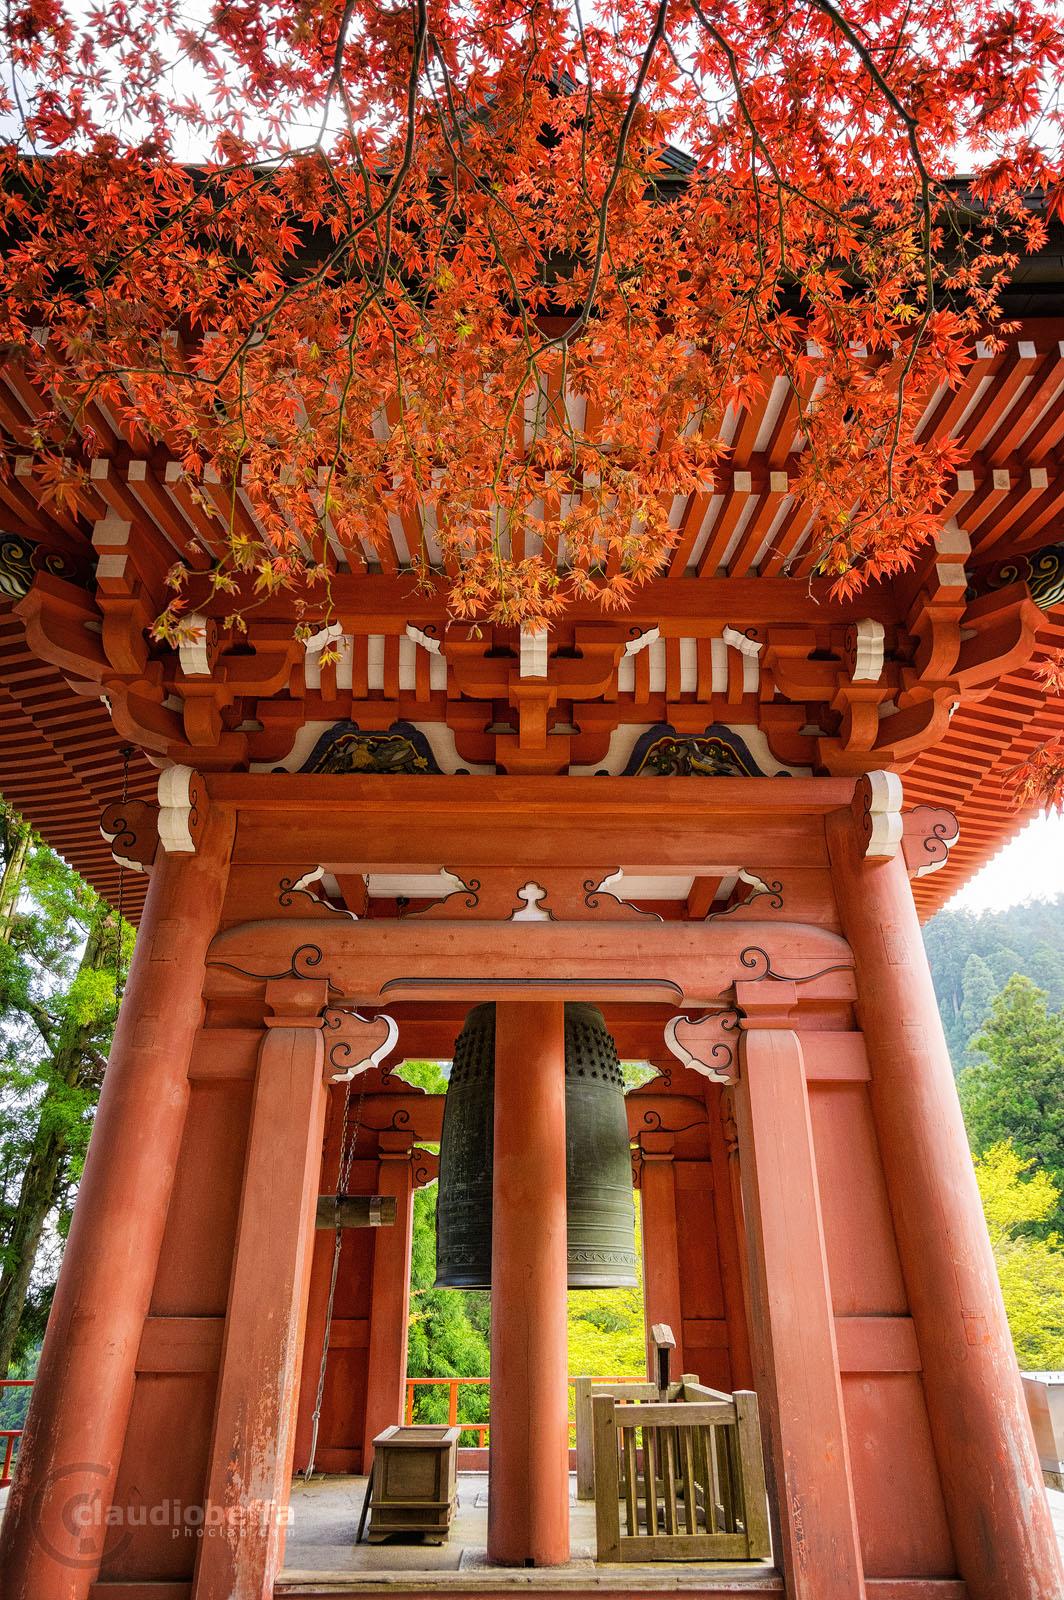 Hiei, Hieizan, Mountain, Enryakuji, Temple, Buddhism, Tower, Bell, Peace, Vermilion, Red, Momiji